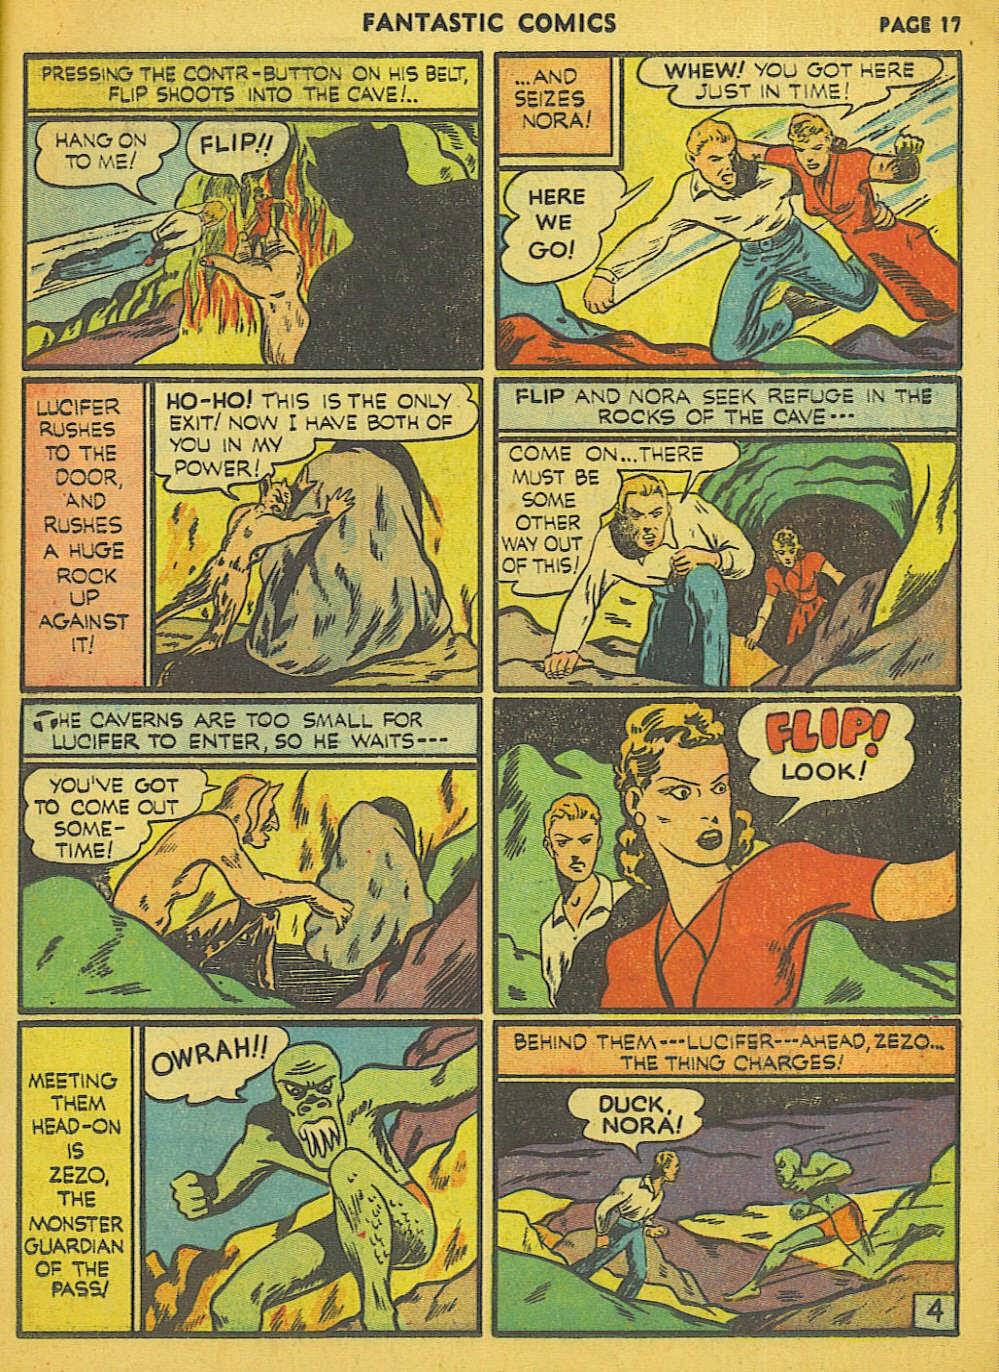 Read online Fantastic Comics comic -  Issue #15 - 10